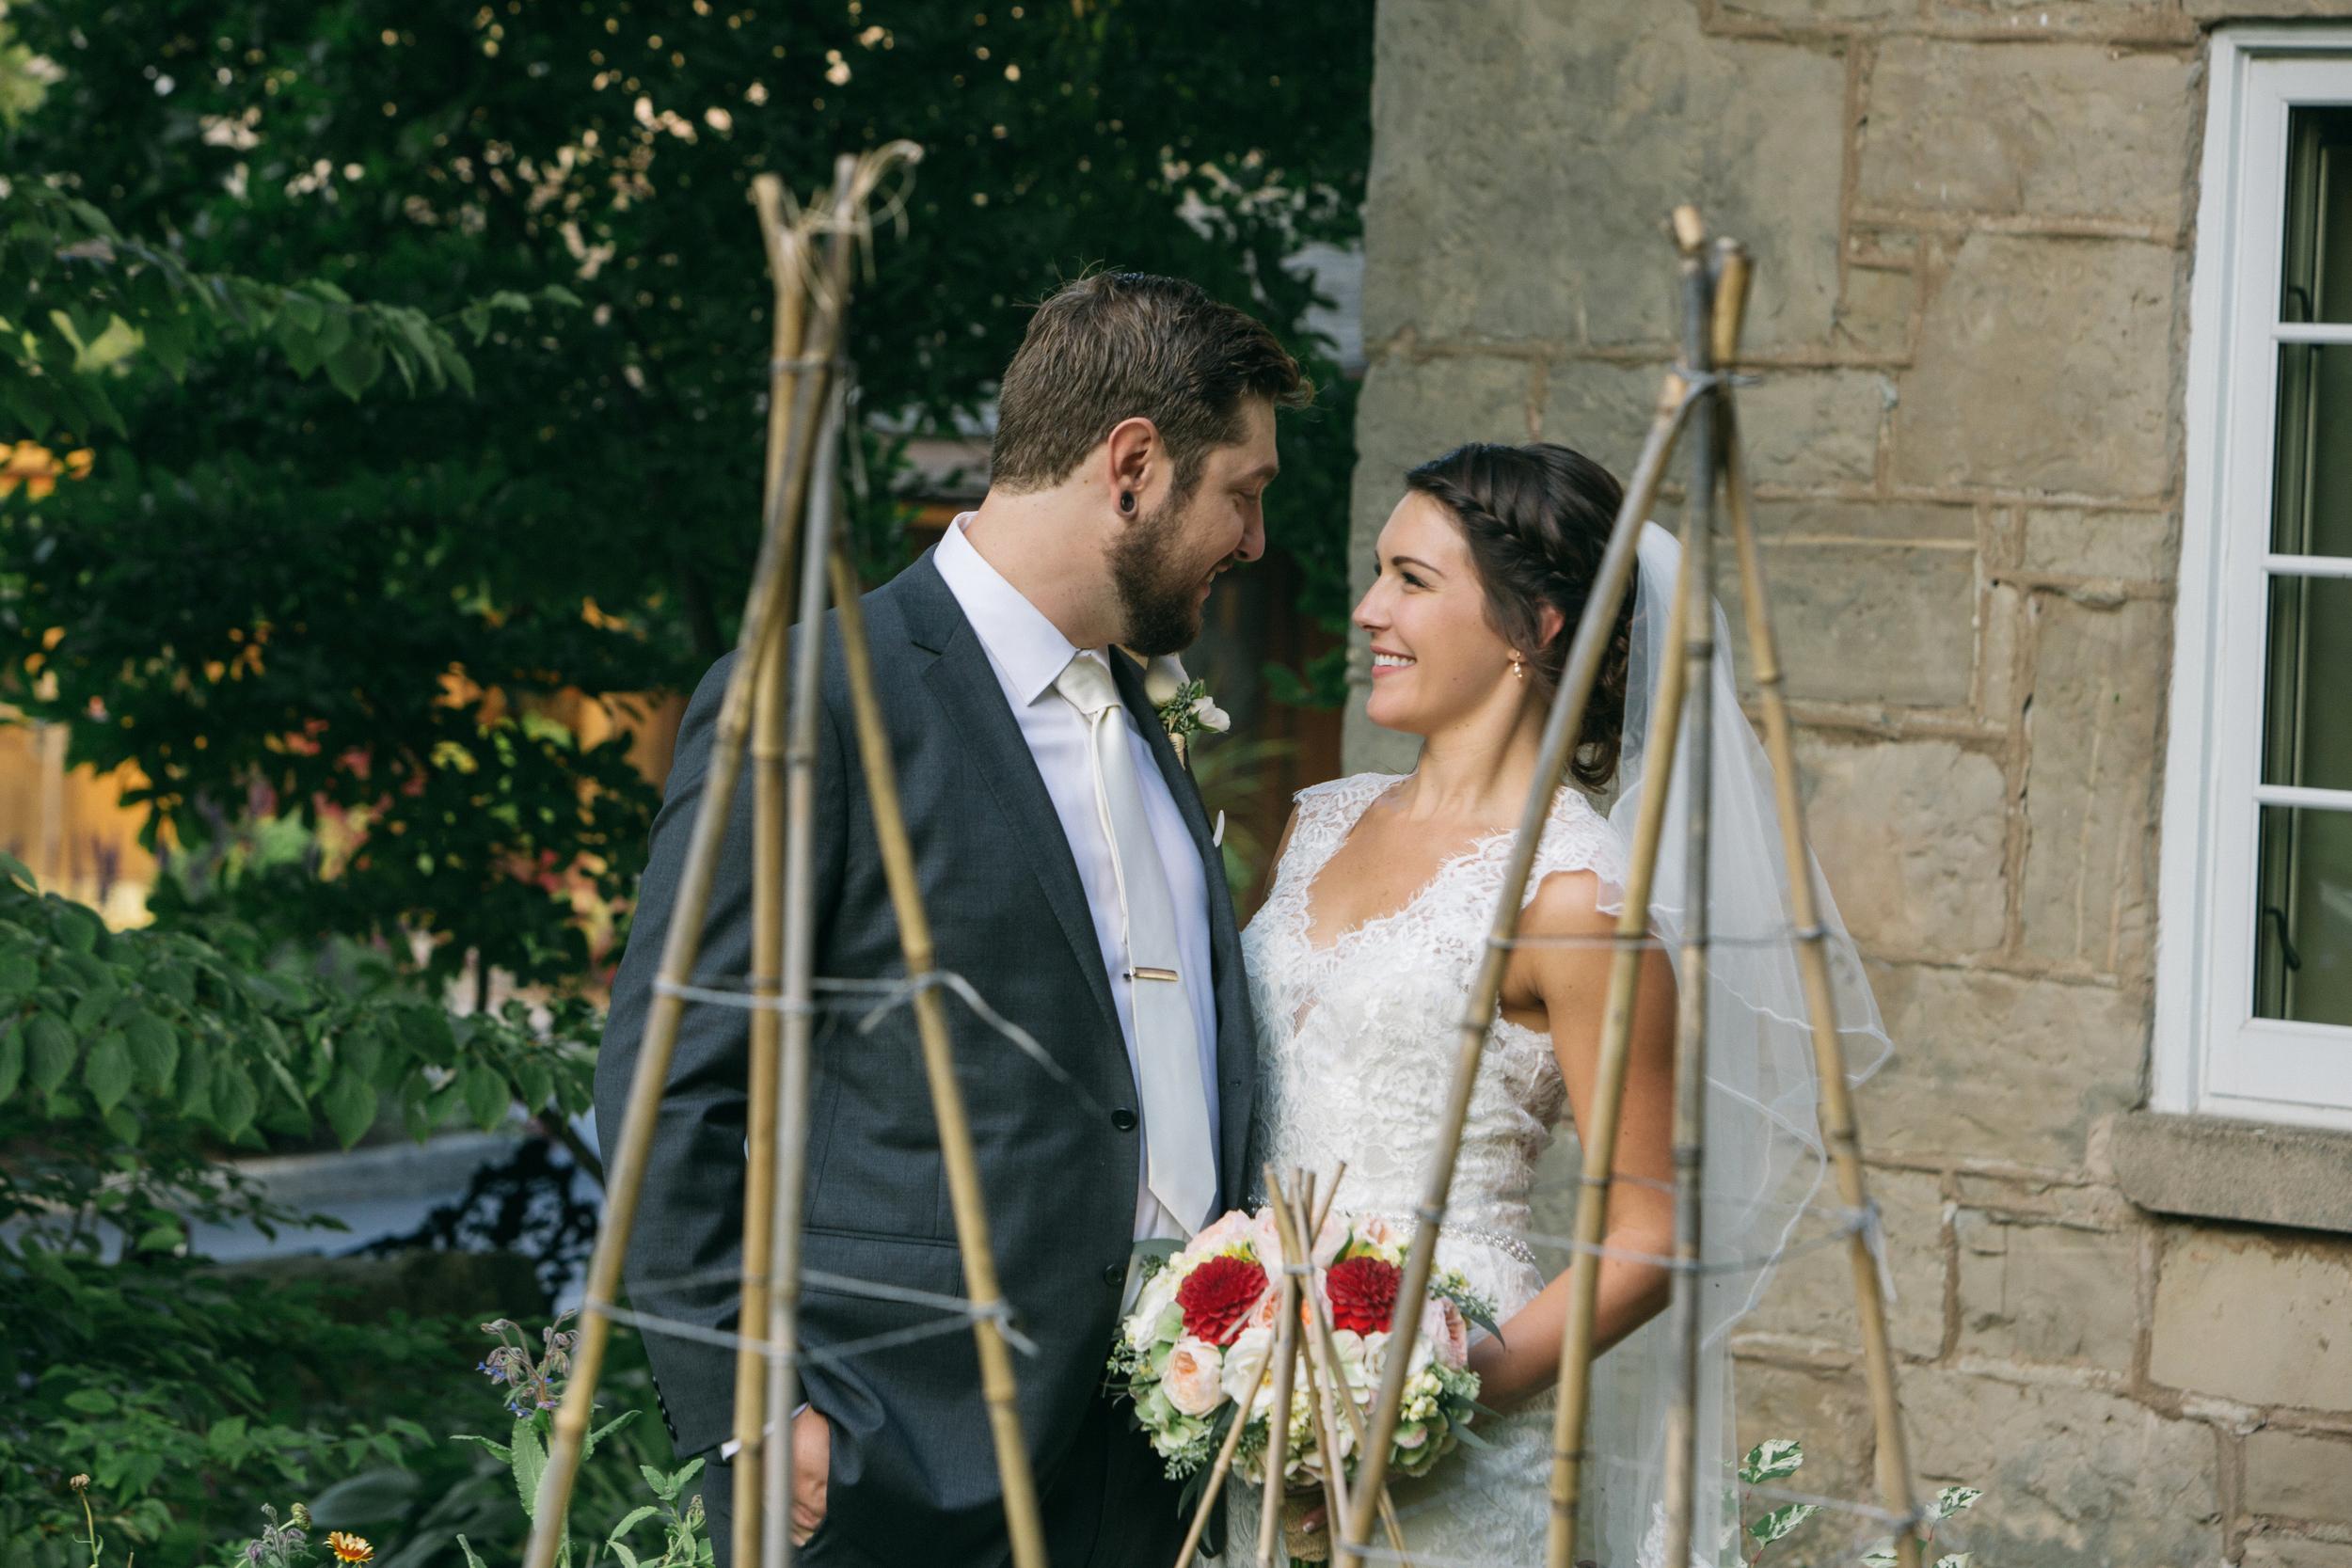 Grice-bridegroom-46-2.jpg